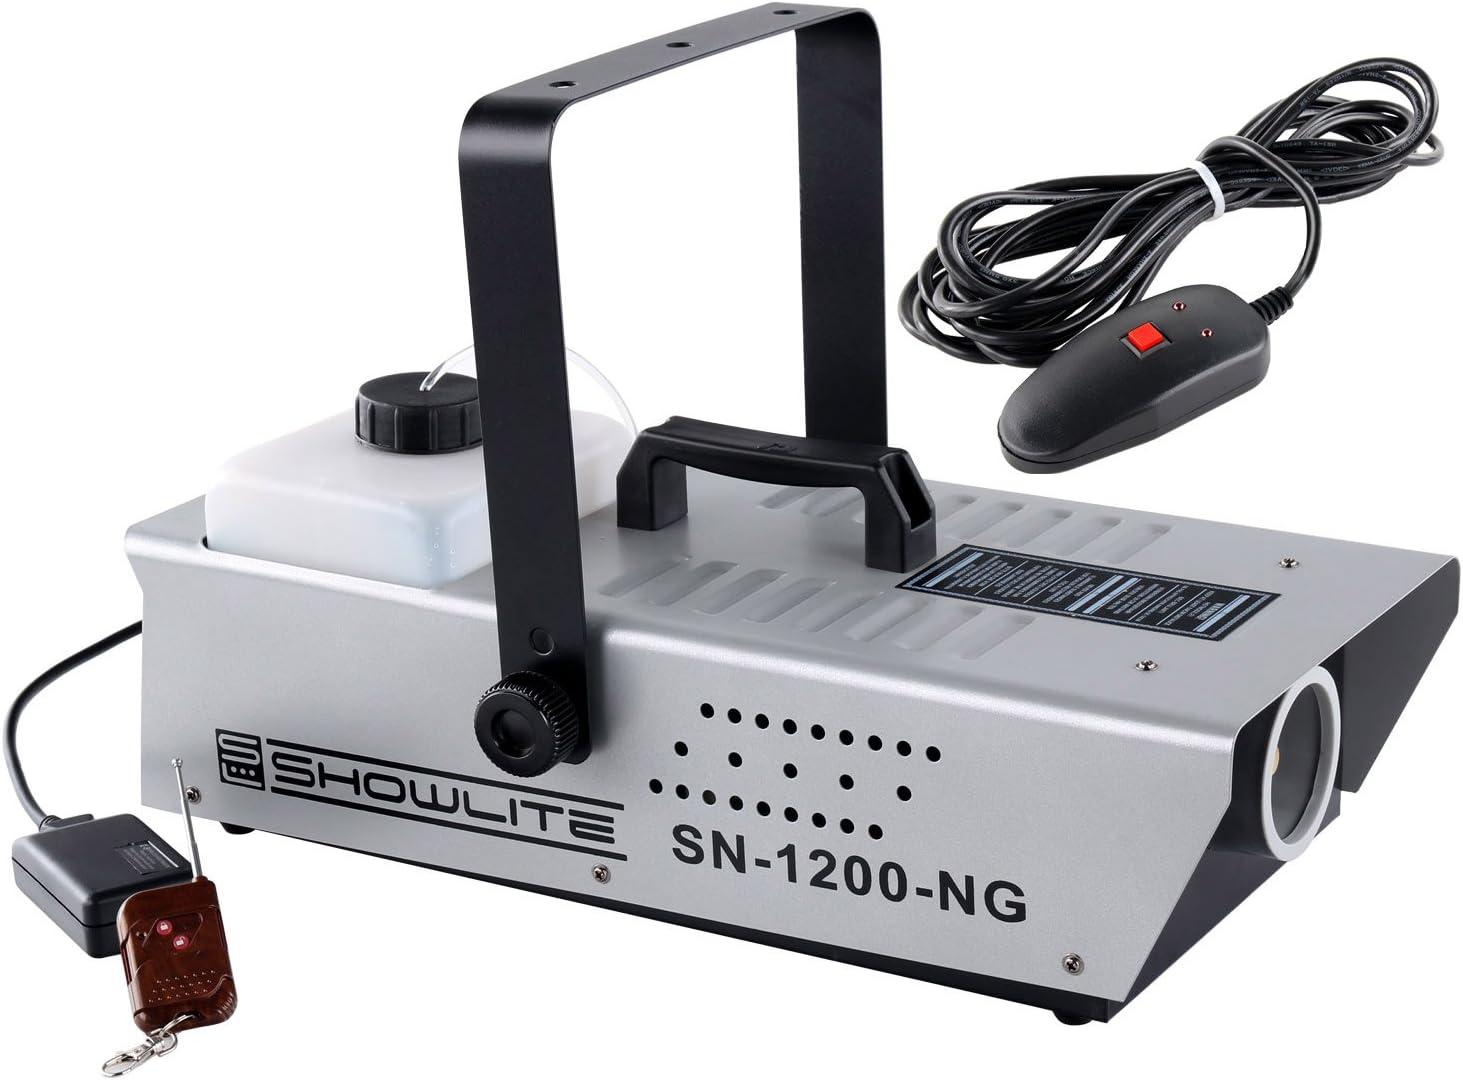 Showlite SN-1200 - Maquina de humo